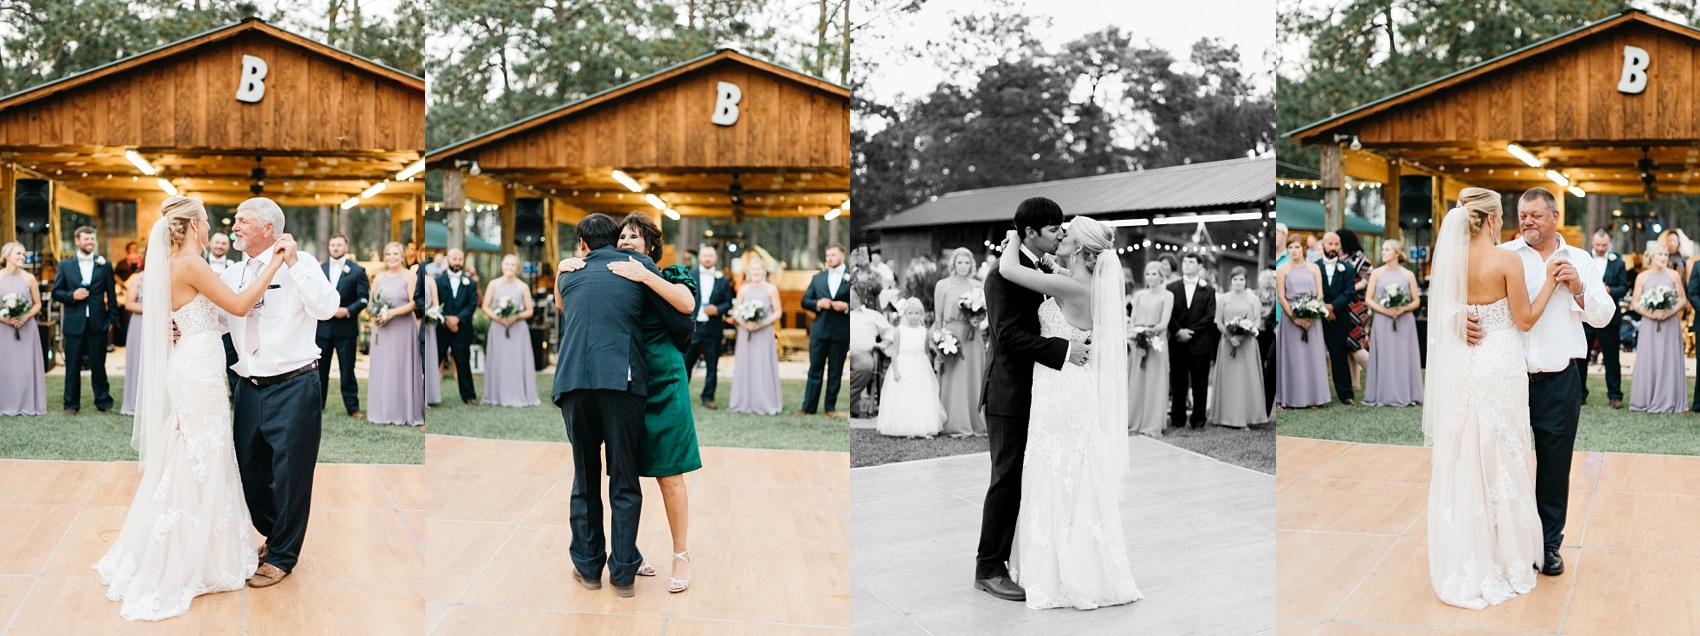 aiken_wedding_photographer_4575.jpg